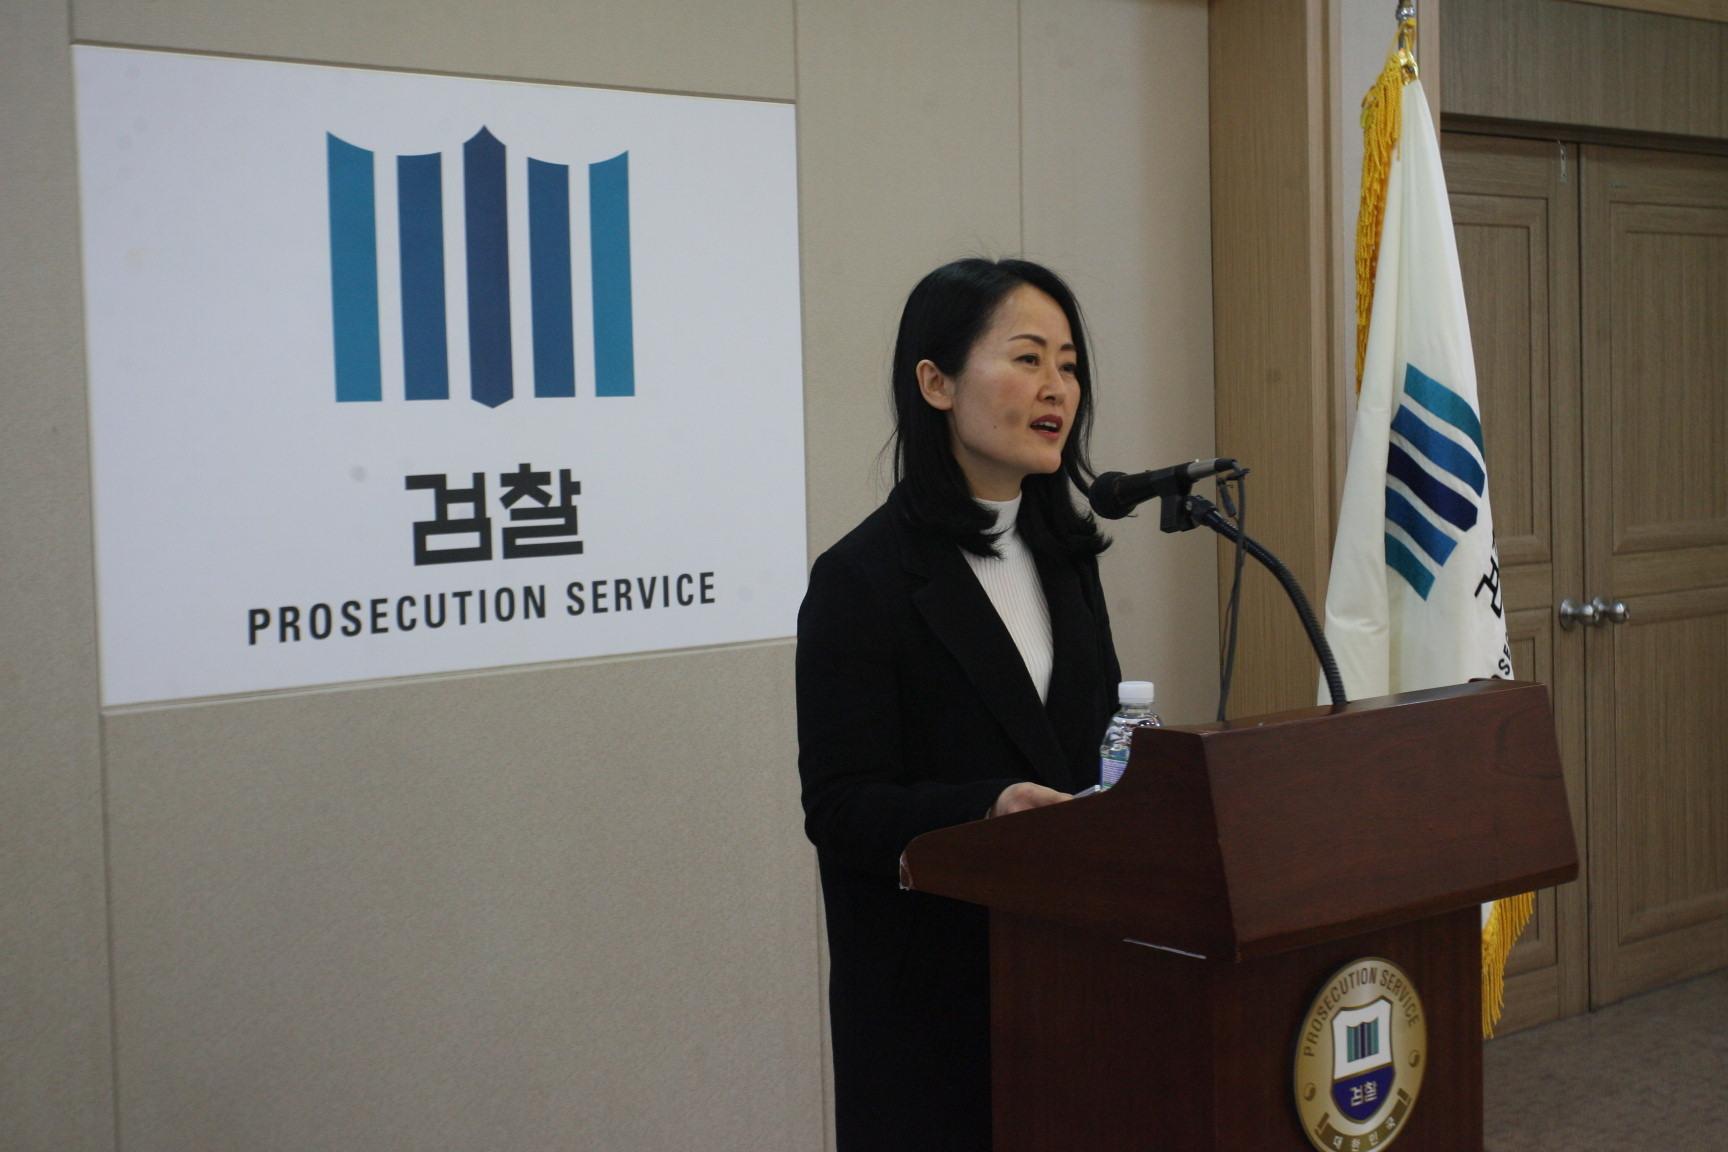 황은영 의정부지검 형사2부장이 21일 수사결과를 발표하고 있다. [사진 코리아포커스]